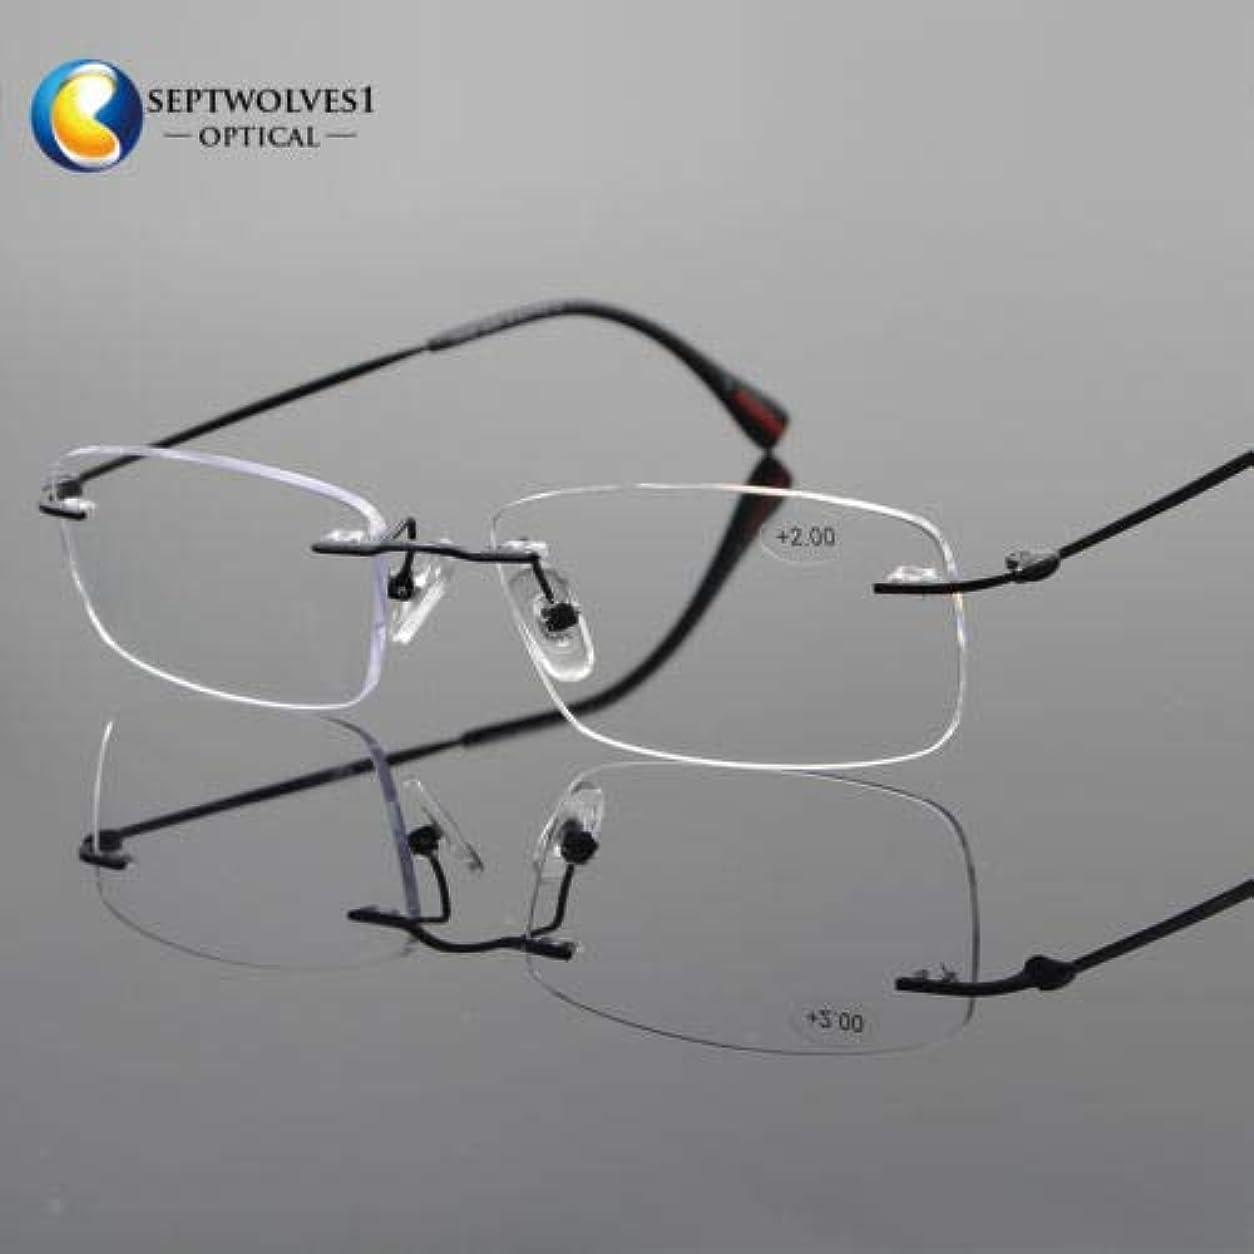 FidgetGear 新しいβチタン縁なし老眼鏡UV400コーティングレンズリーダー+0.00?+ 5.00 ブラック